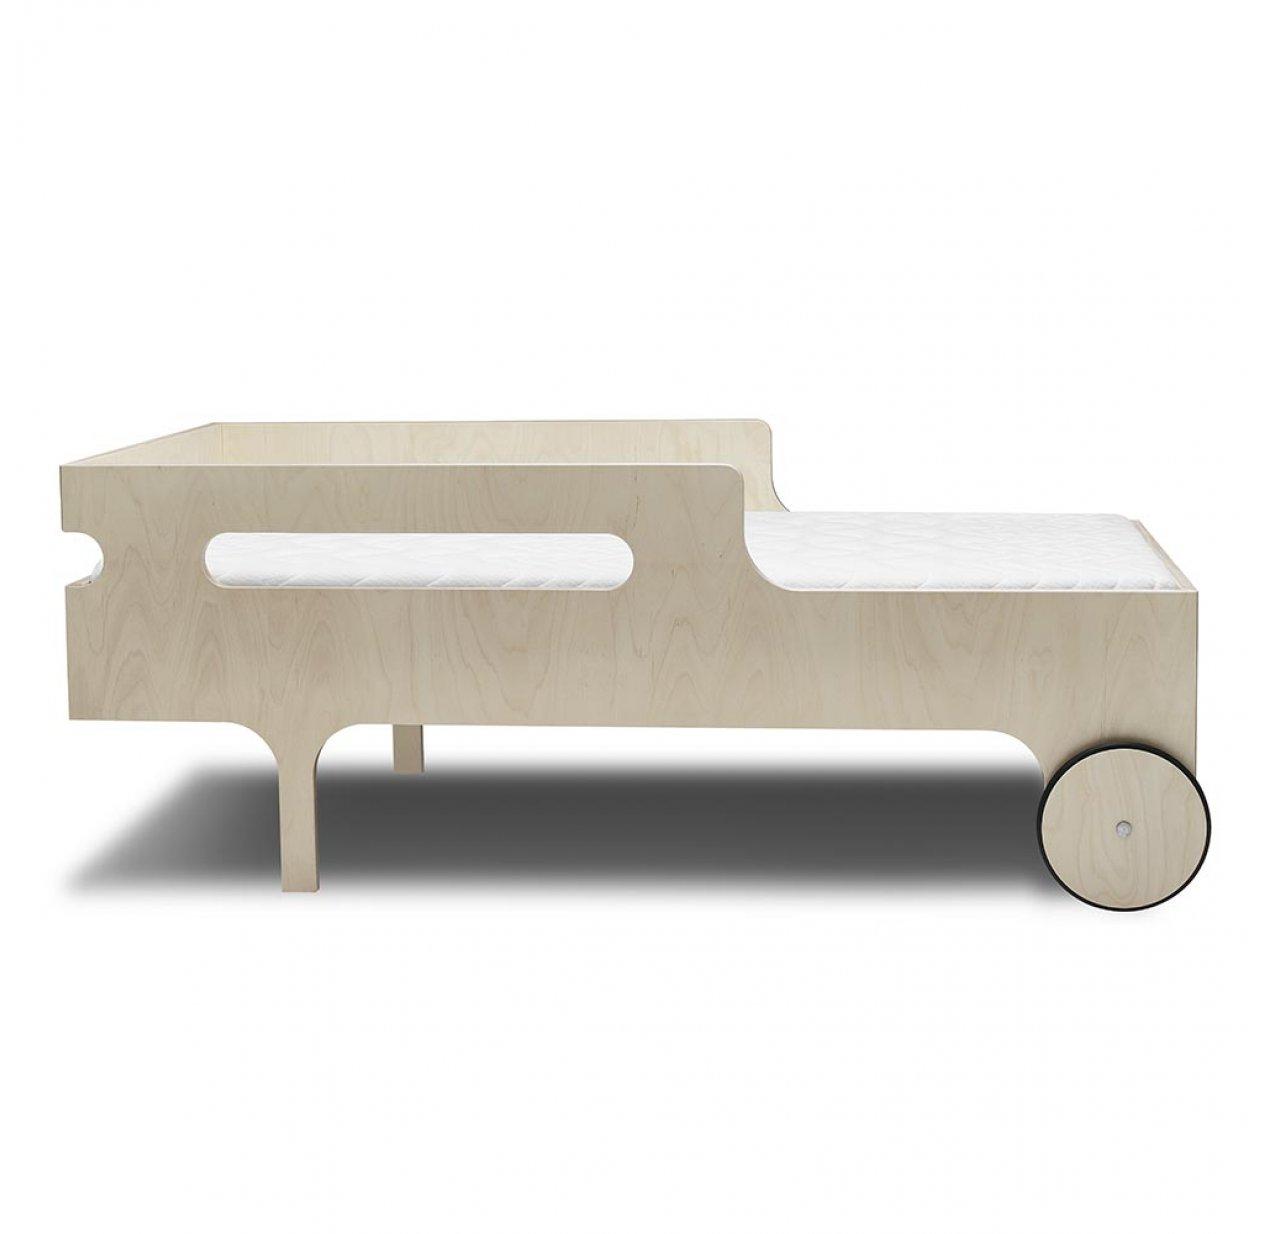 lit junior r toddler bed naturel rafa kids pour chambre enfant les enfants du design. Black Bedroom Furniture Sets. Home Design Ideas